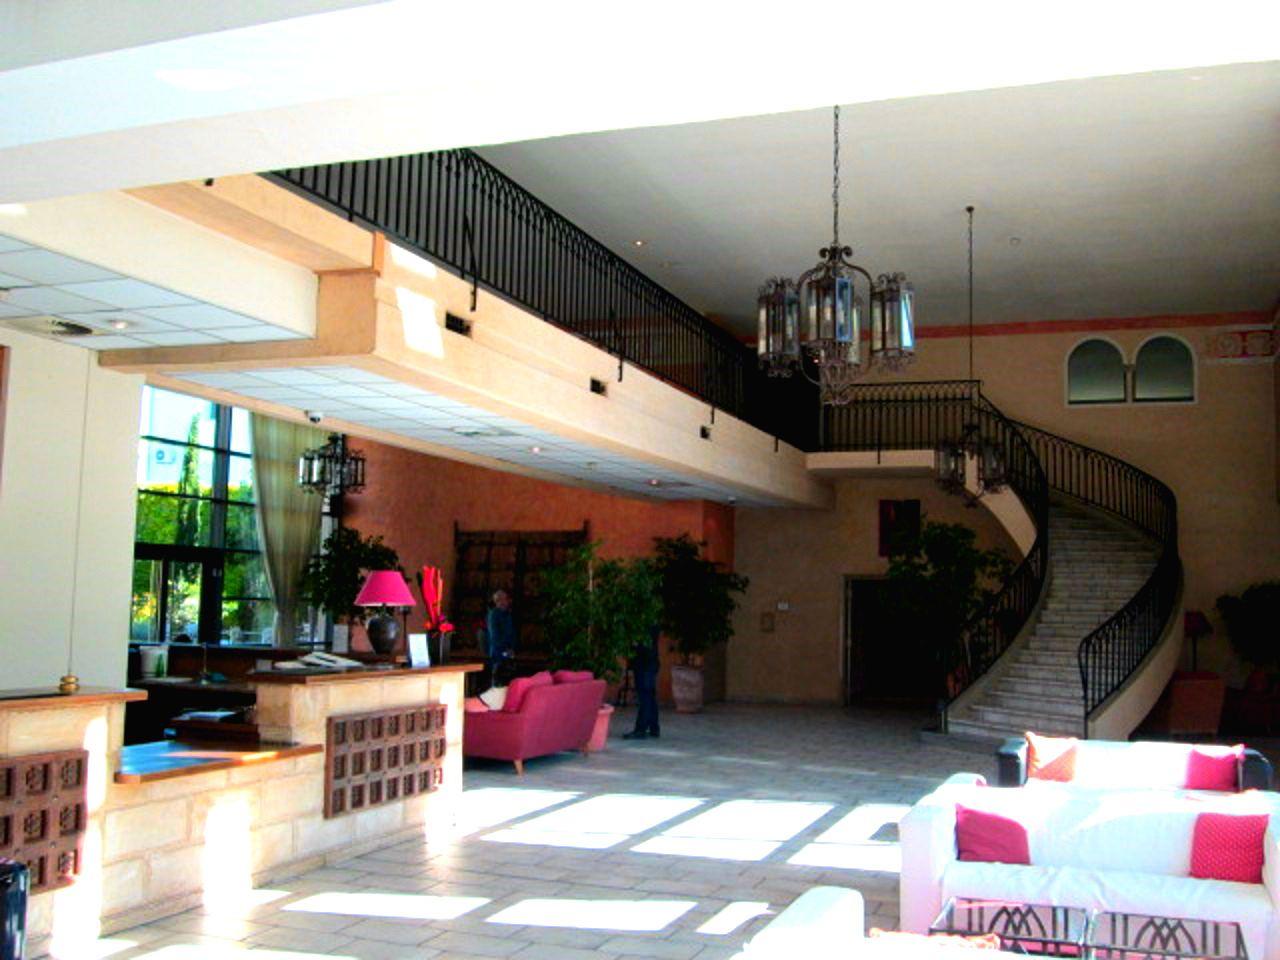 これぞ4つ星の癒し空間!「アヴィニョングランドホテル」は建物が壮大!